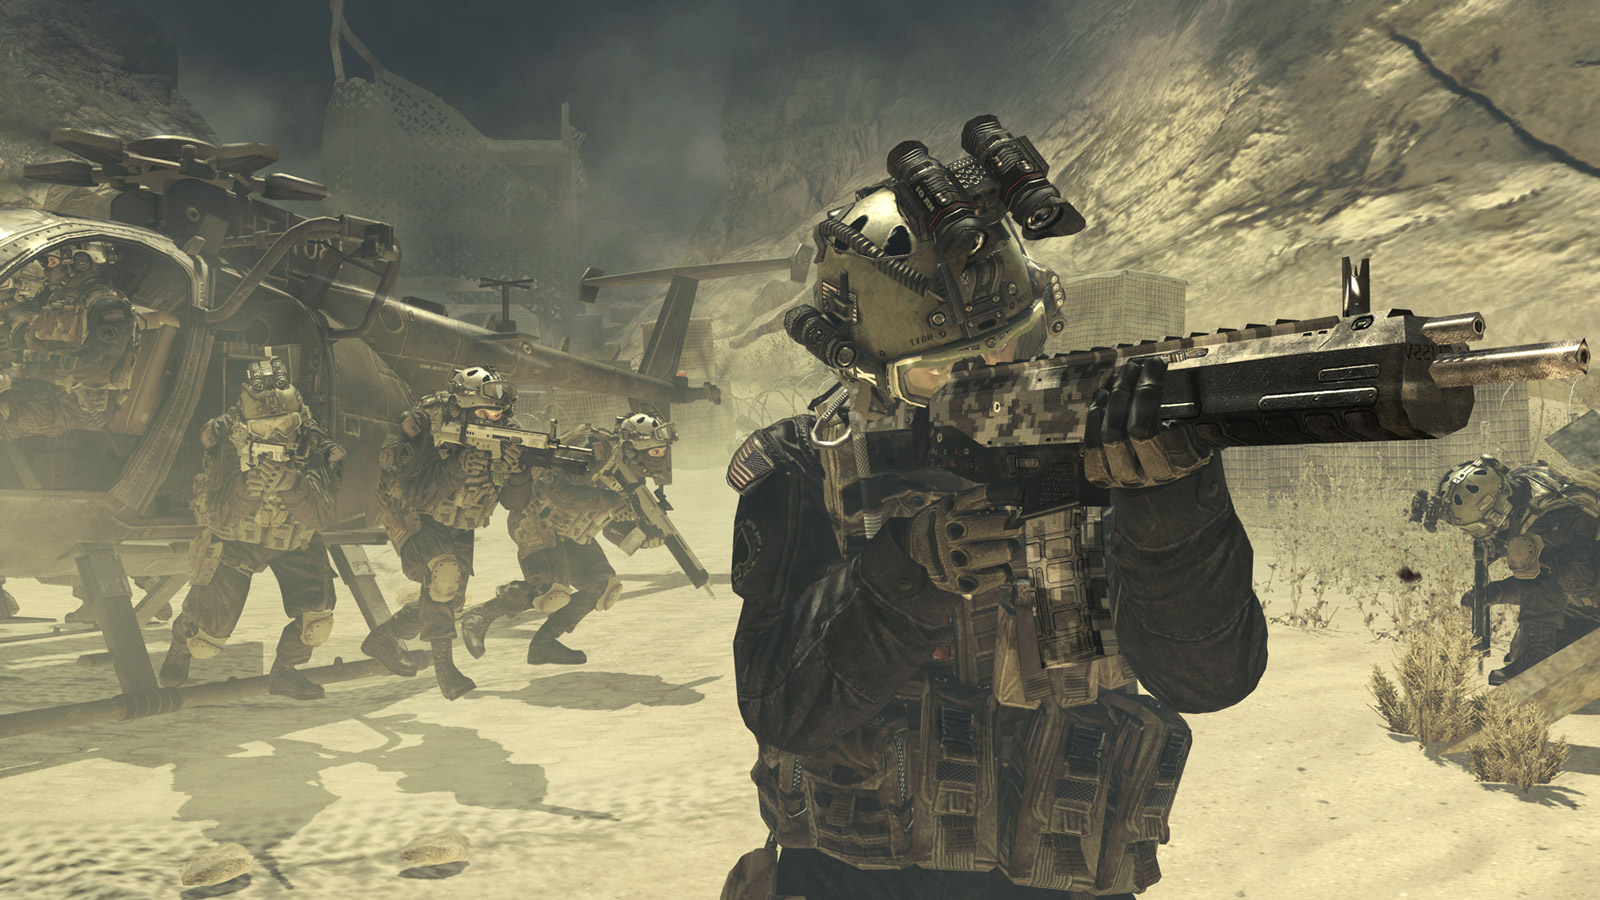 Call of Duty: Modern Warfare 2 Wallpaper in 1600x900